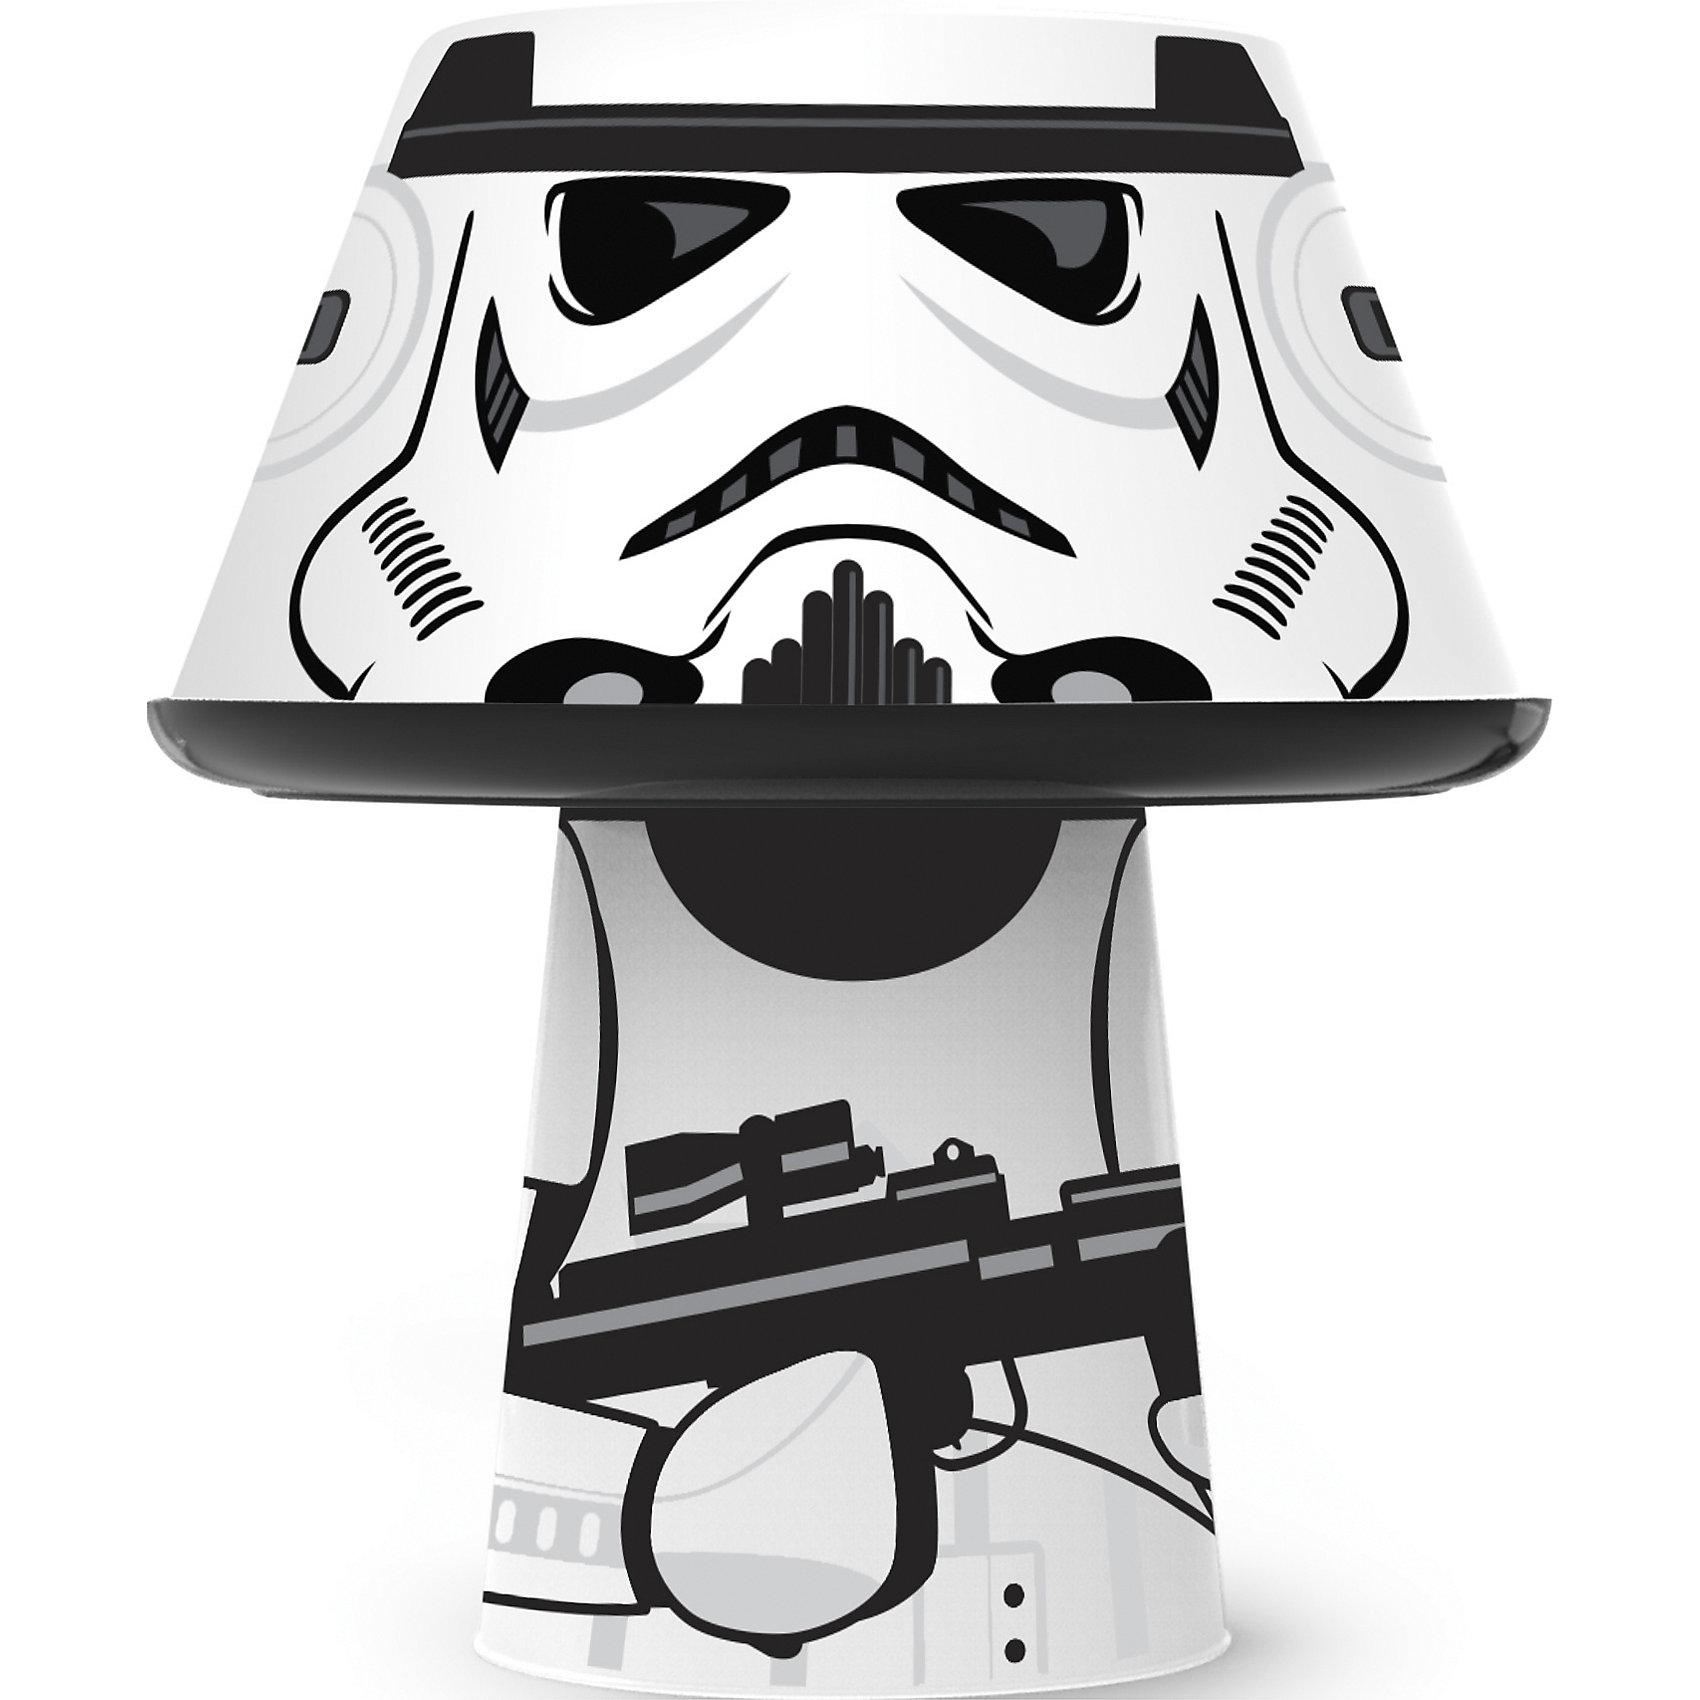 Набор посуды Штурмовик (3 предмета)Набор посуды Штурмовик приведет в восторг всех поклонников Звездных Войн (Star Wars) и сделает любой прием пищи желанным и интересным. Посуда изготовлена из высококачественного экологичного пластика, она не бьется, поэтому, безопасна даже для малышей. Ее удобно брать с собой в поездки или же на природу. Рисунок выполнен стойкими гипоаллергенными красителями. <br><br>Дополнительная информация:<br><br>- Материал: пластик.<br>- Комплектация: миска, тарелка, бокал. <br>- Объем бокала: 320 мл.<br>- Объем миски: 775 мл.<br>- Размер упаковки:14,5 ? 25 ? 16 см.<br><br>Набор посуды Штурмовик (3 предмета) можно купить в нашем магазине.<br><br>Ширина мм: 140<br>Глубина мм: 145<br>Высота мм: 245<br>Вес г: 141<br>Возраст от месяцев: 36<br>Возраст до месяцев: 2147483647<br>Пол: Мужской<br>Возраст: Детский<br>SKU: 4443186